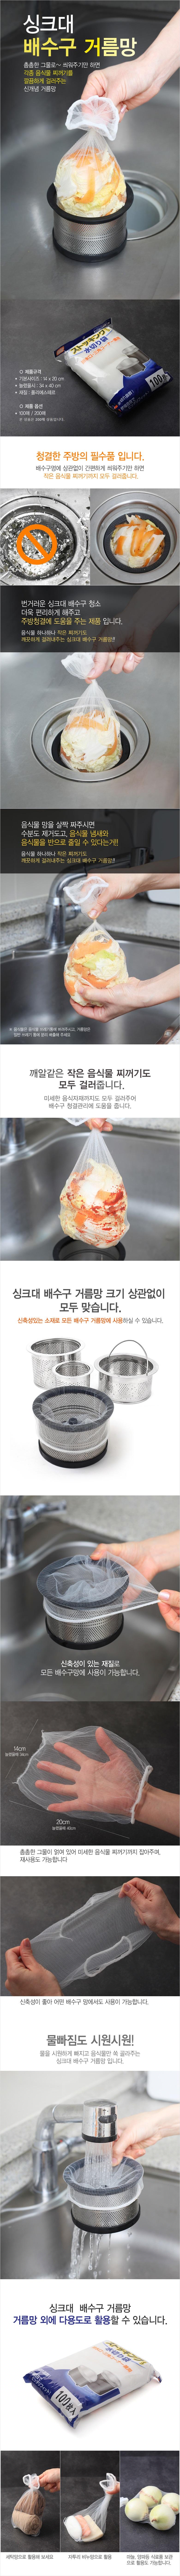 거름망 싱크대 배수구망 200매 - 구디푸디, 5,900원, 주방소품, 주방 소모품